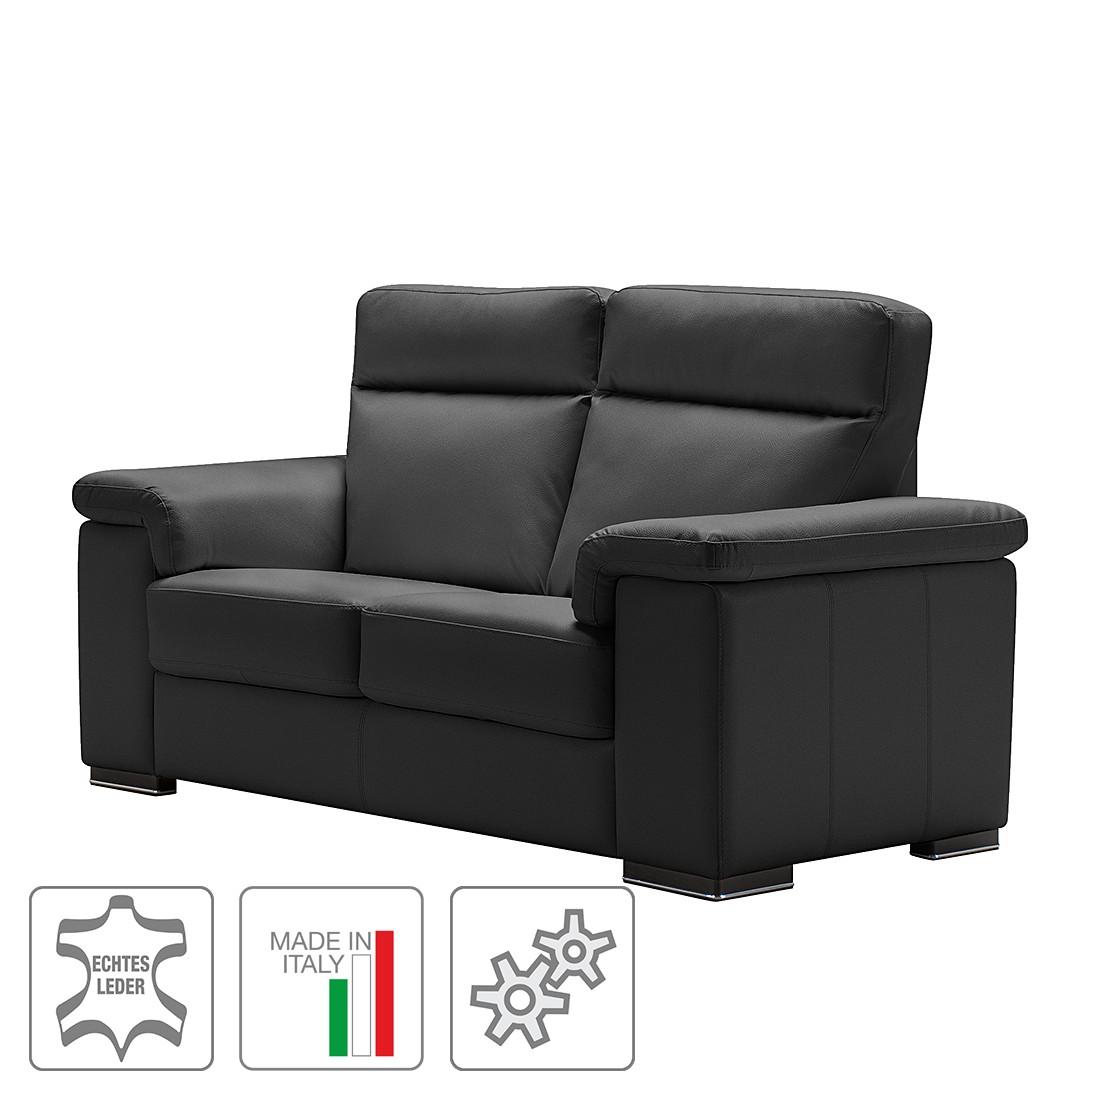 Sofa Babylon (2-Sitzer) – Echtleder – Mit Relaxfunktion – Schwarz, Trend Italiano online bestellen